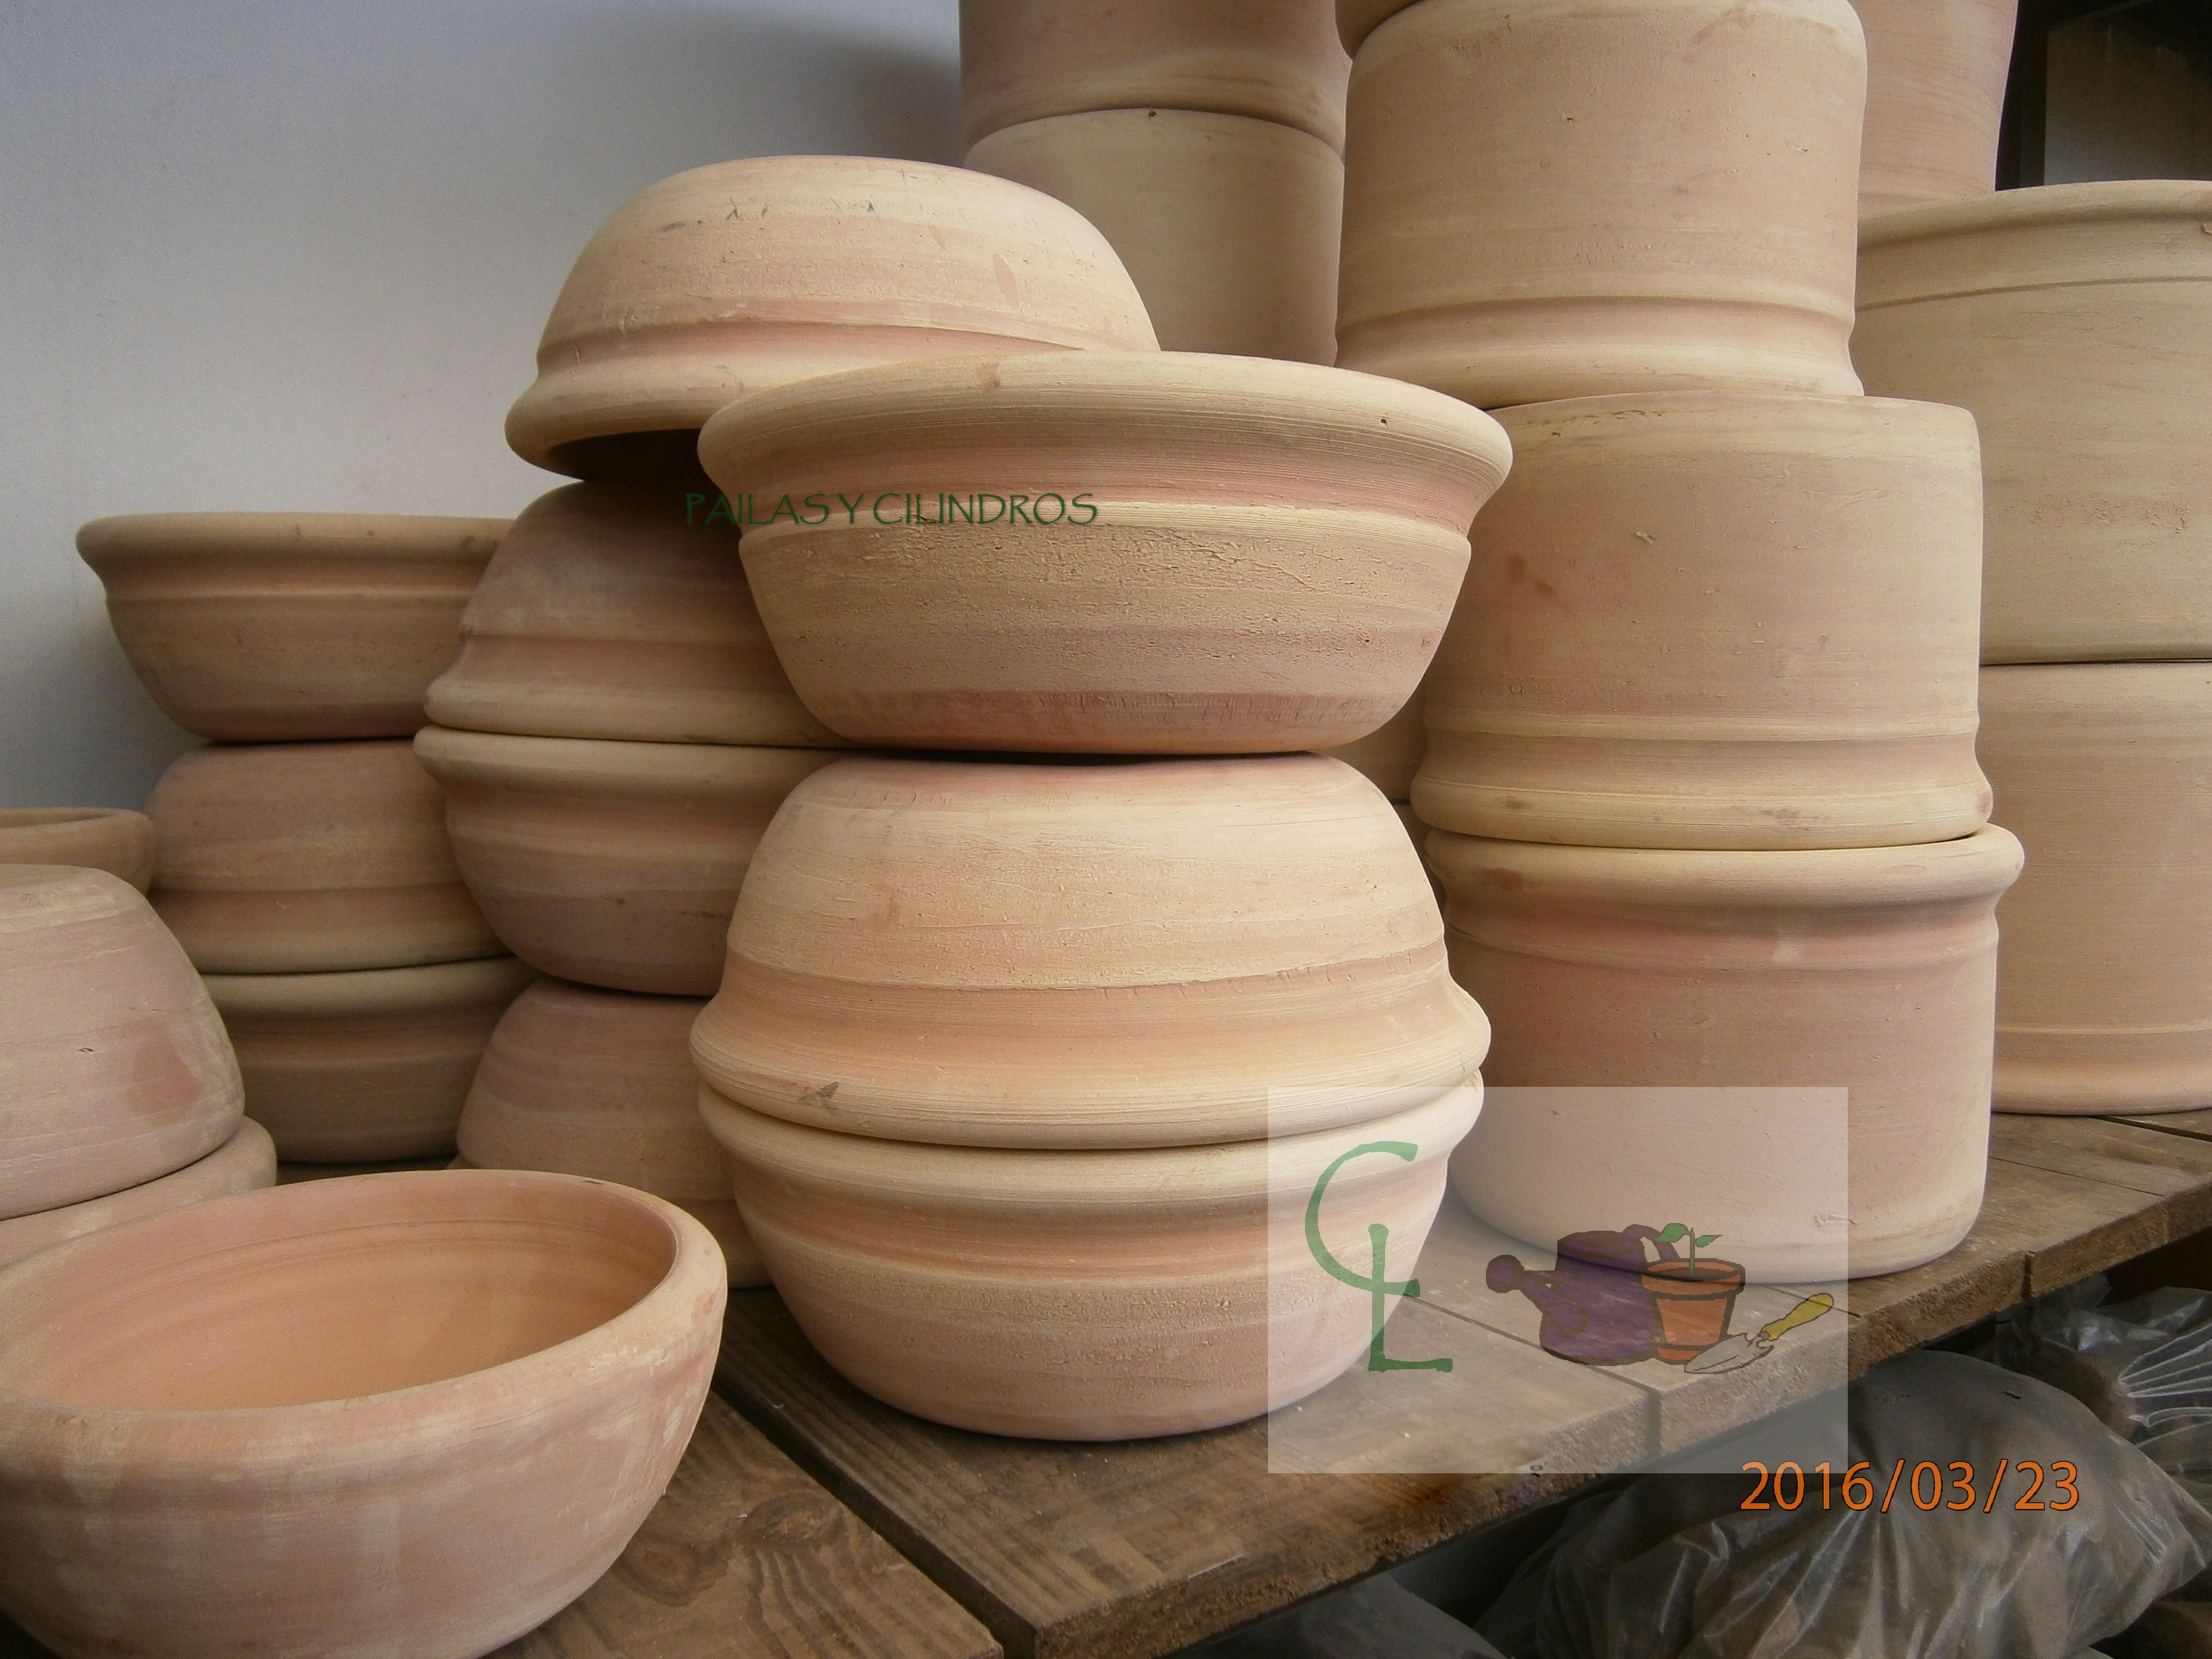 Pailas y cilindros mendocinos alfareria macetas de - Macetones de barro ...